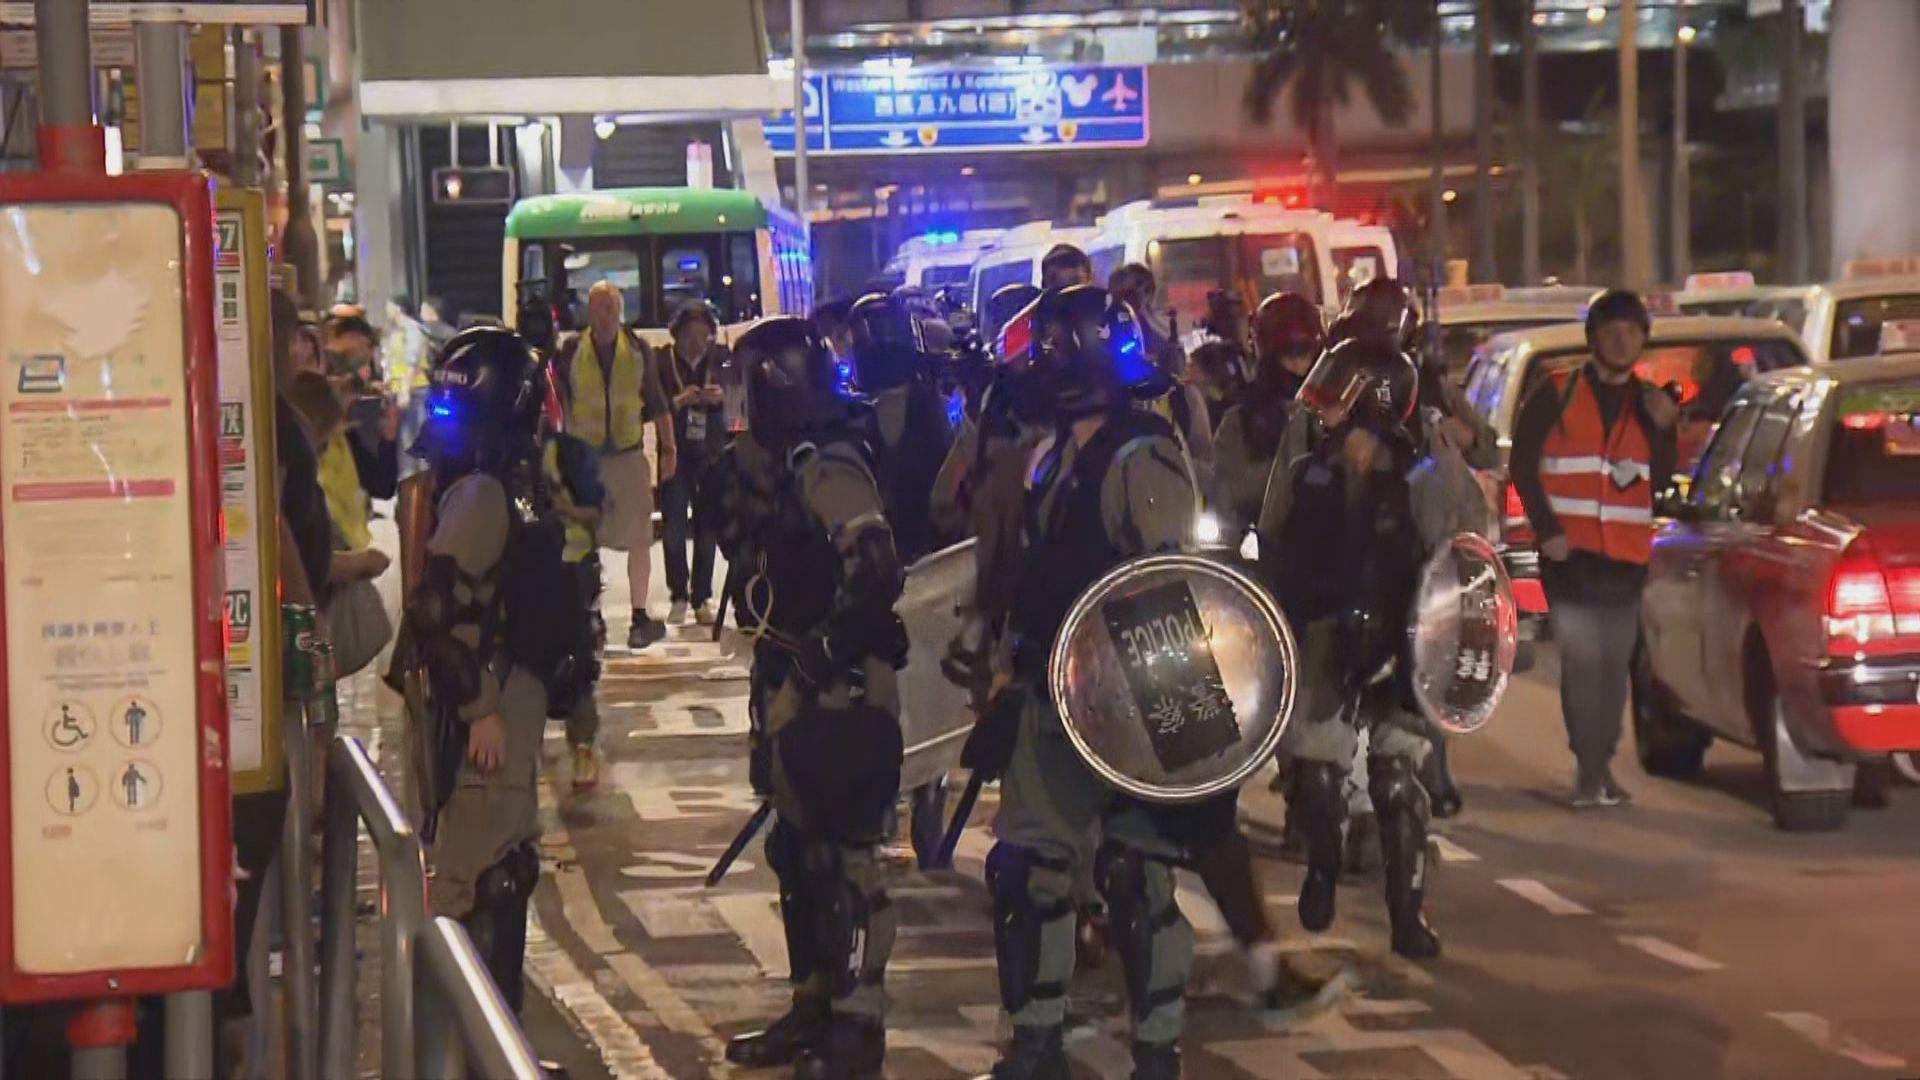 中環晚上有市民一度走出馬路 大批防暴警增援